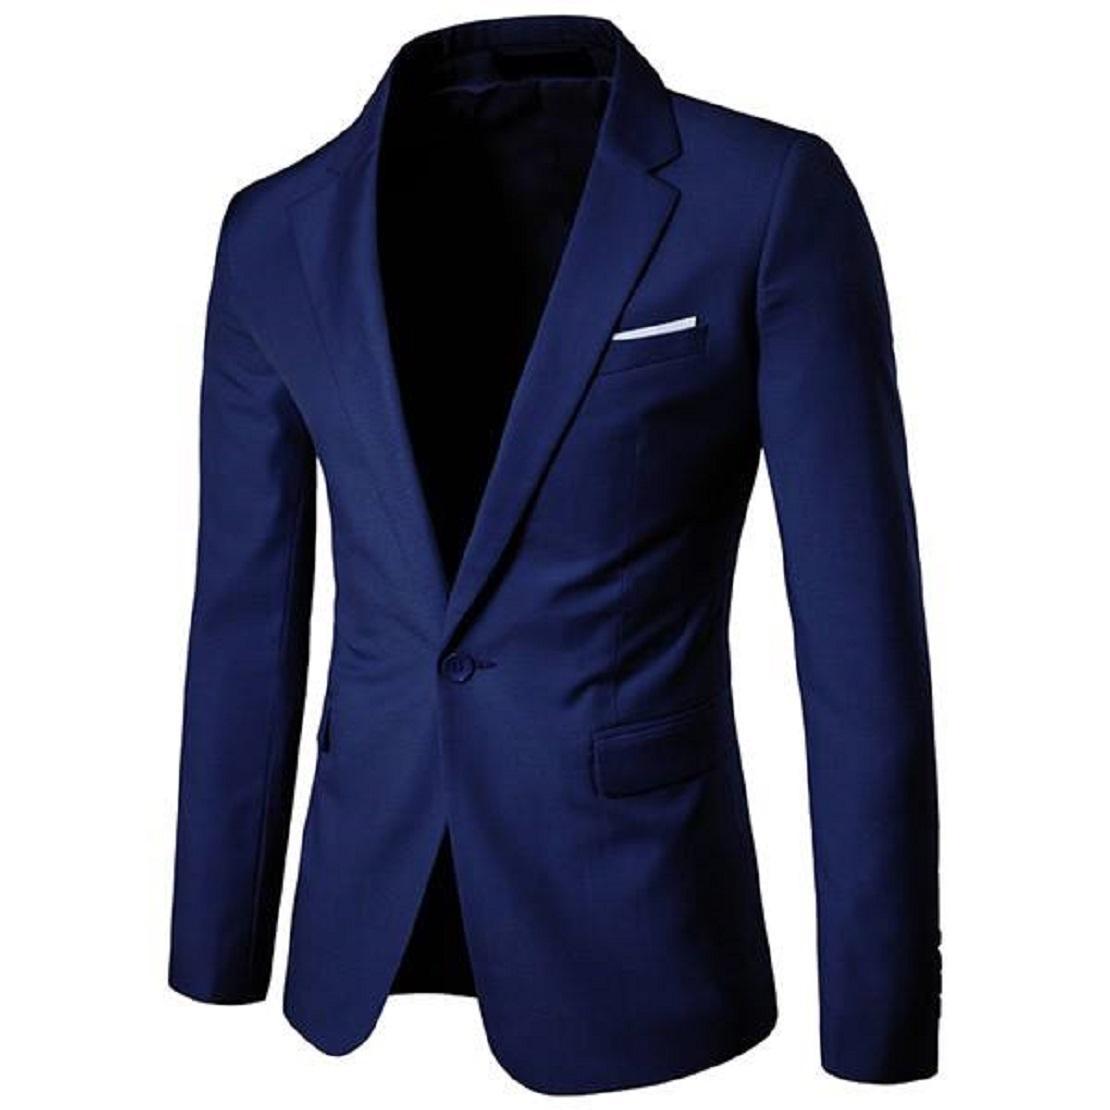 c704ec544 Men's Jackets & Coats In Bangladesh At Best Price - Daraz.com.bd